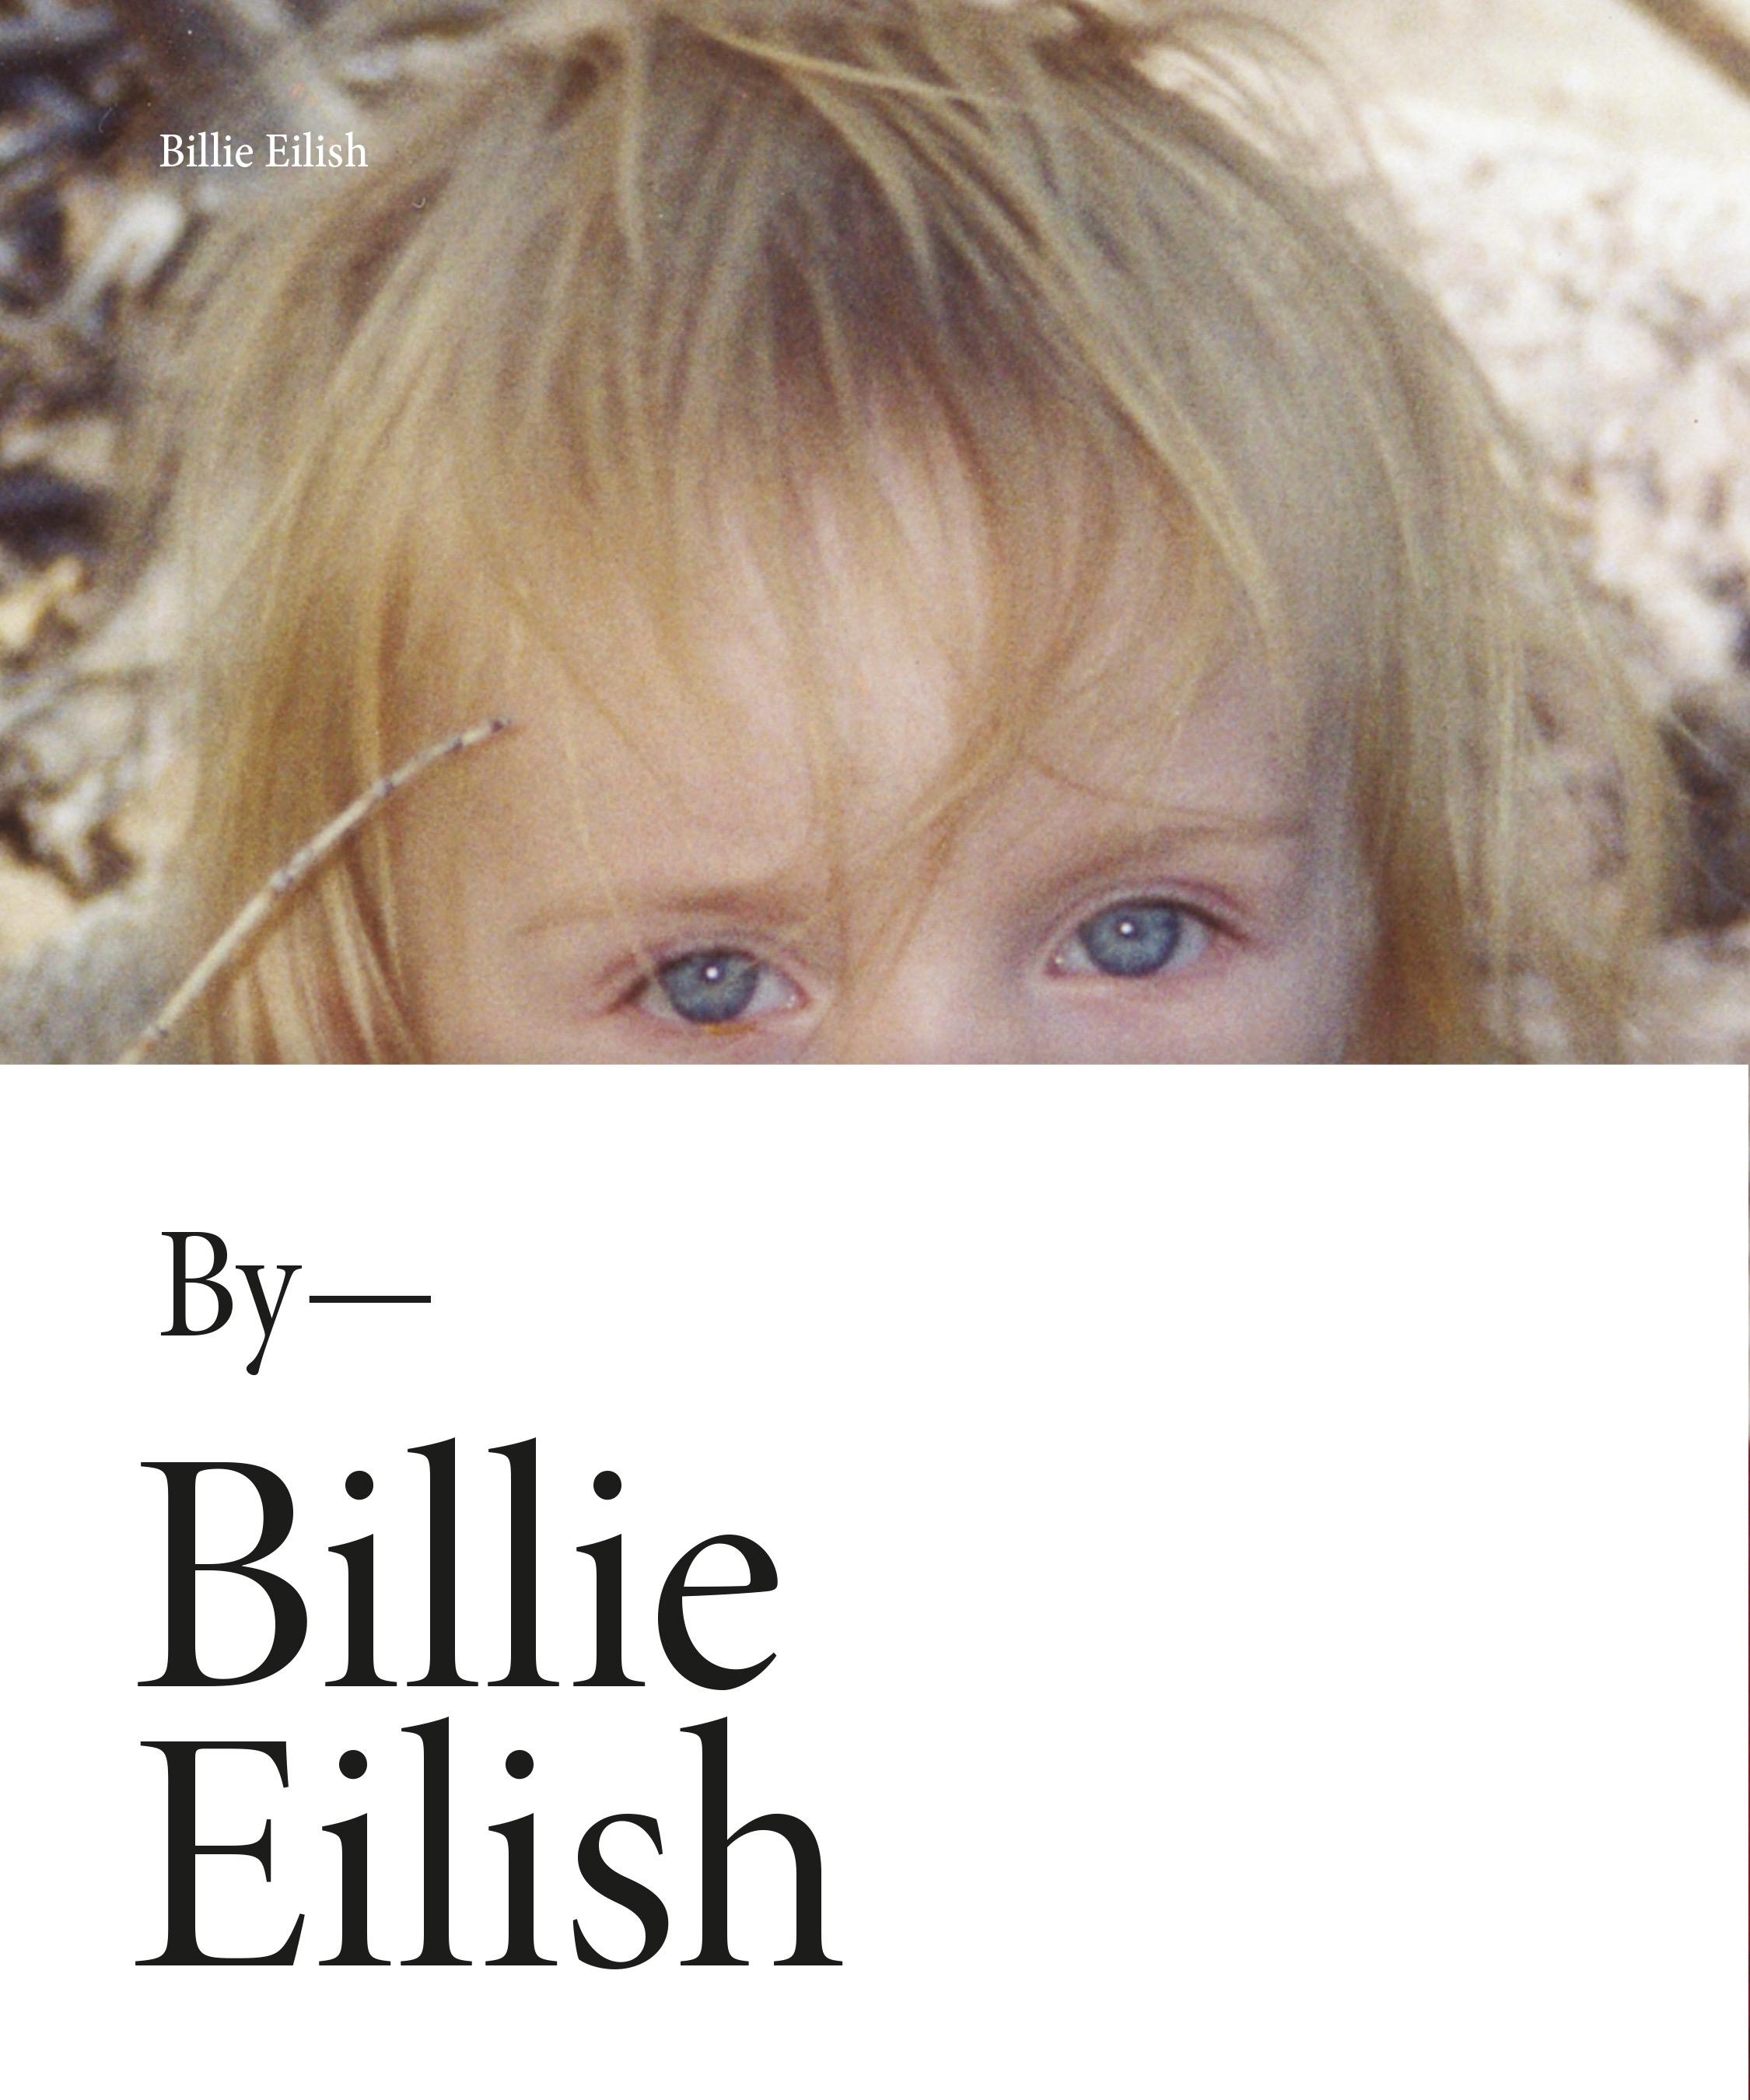 https://www.billieforum.com/media/book-jpg.4525/full